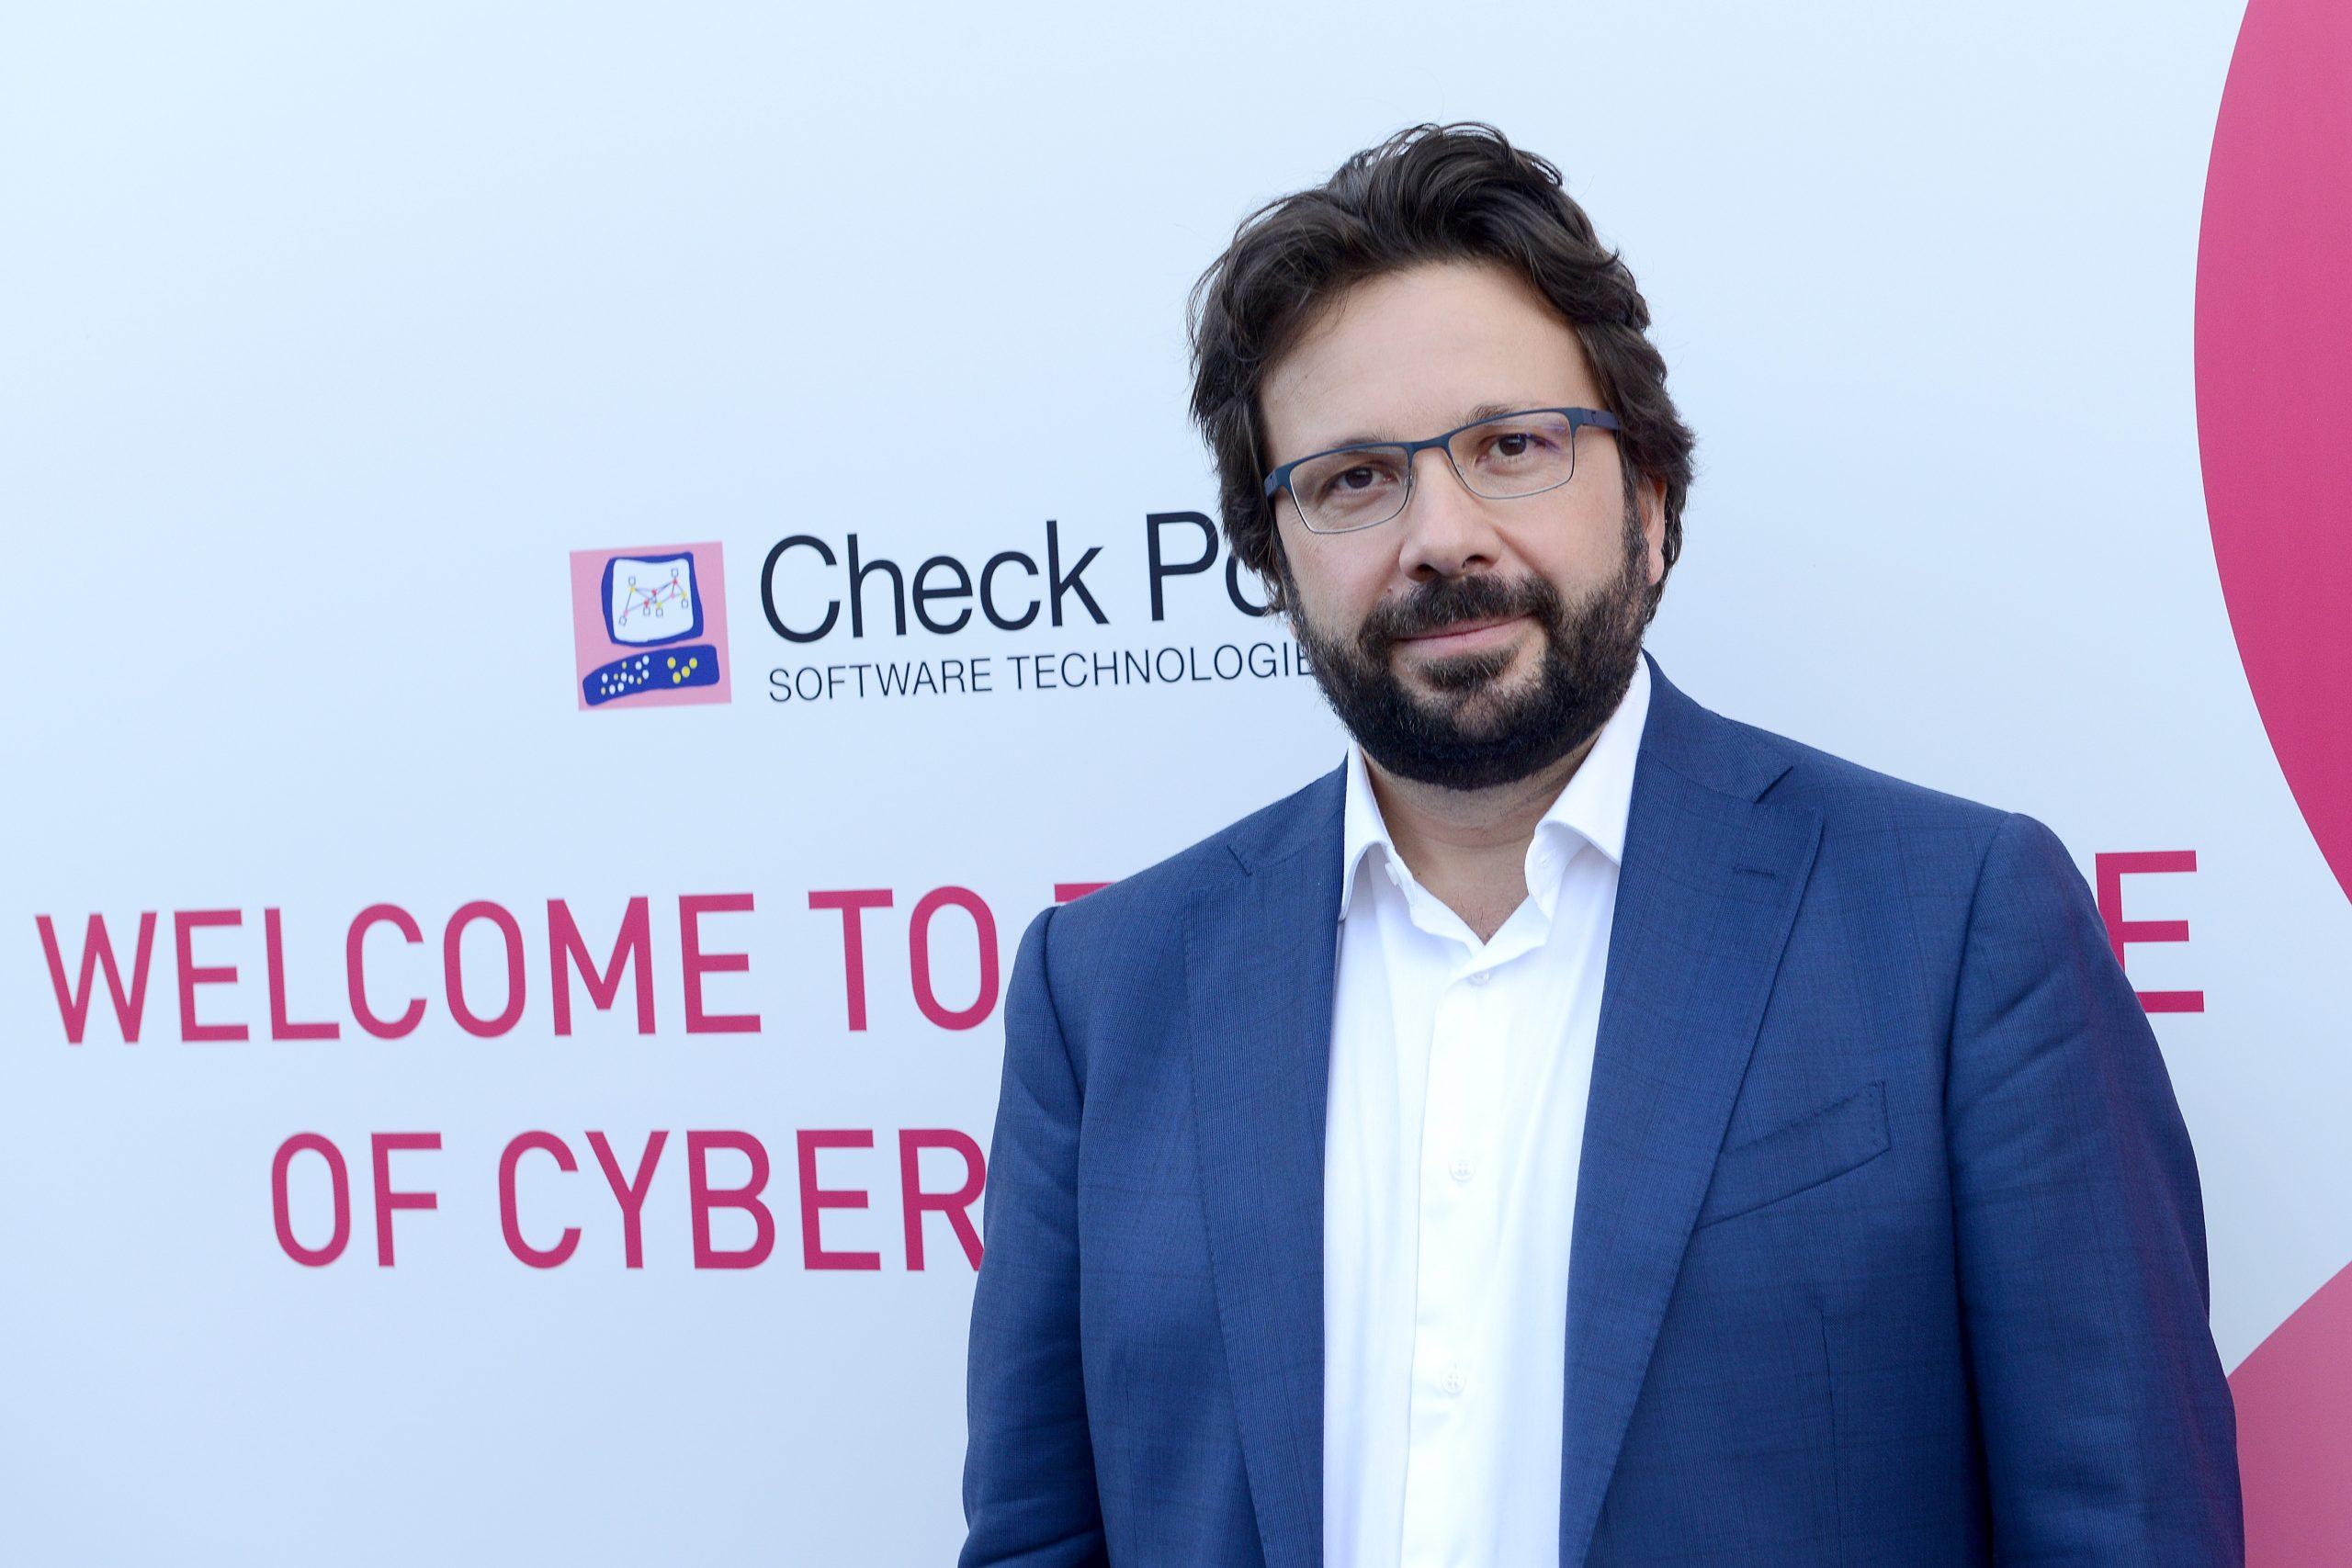 Check Point Software Technologies investe 100 milioni di dollari nella cloud security nel 2021